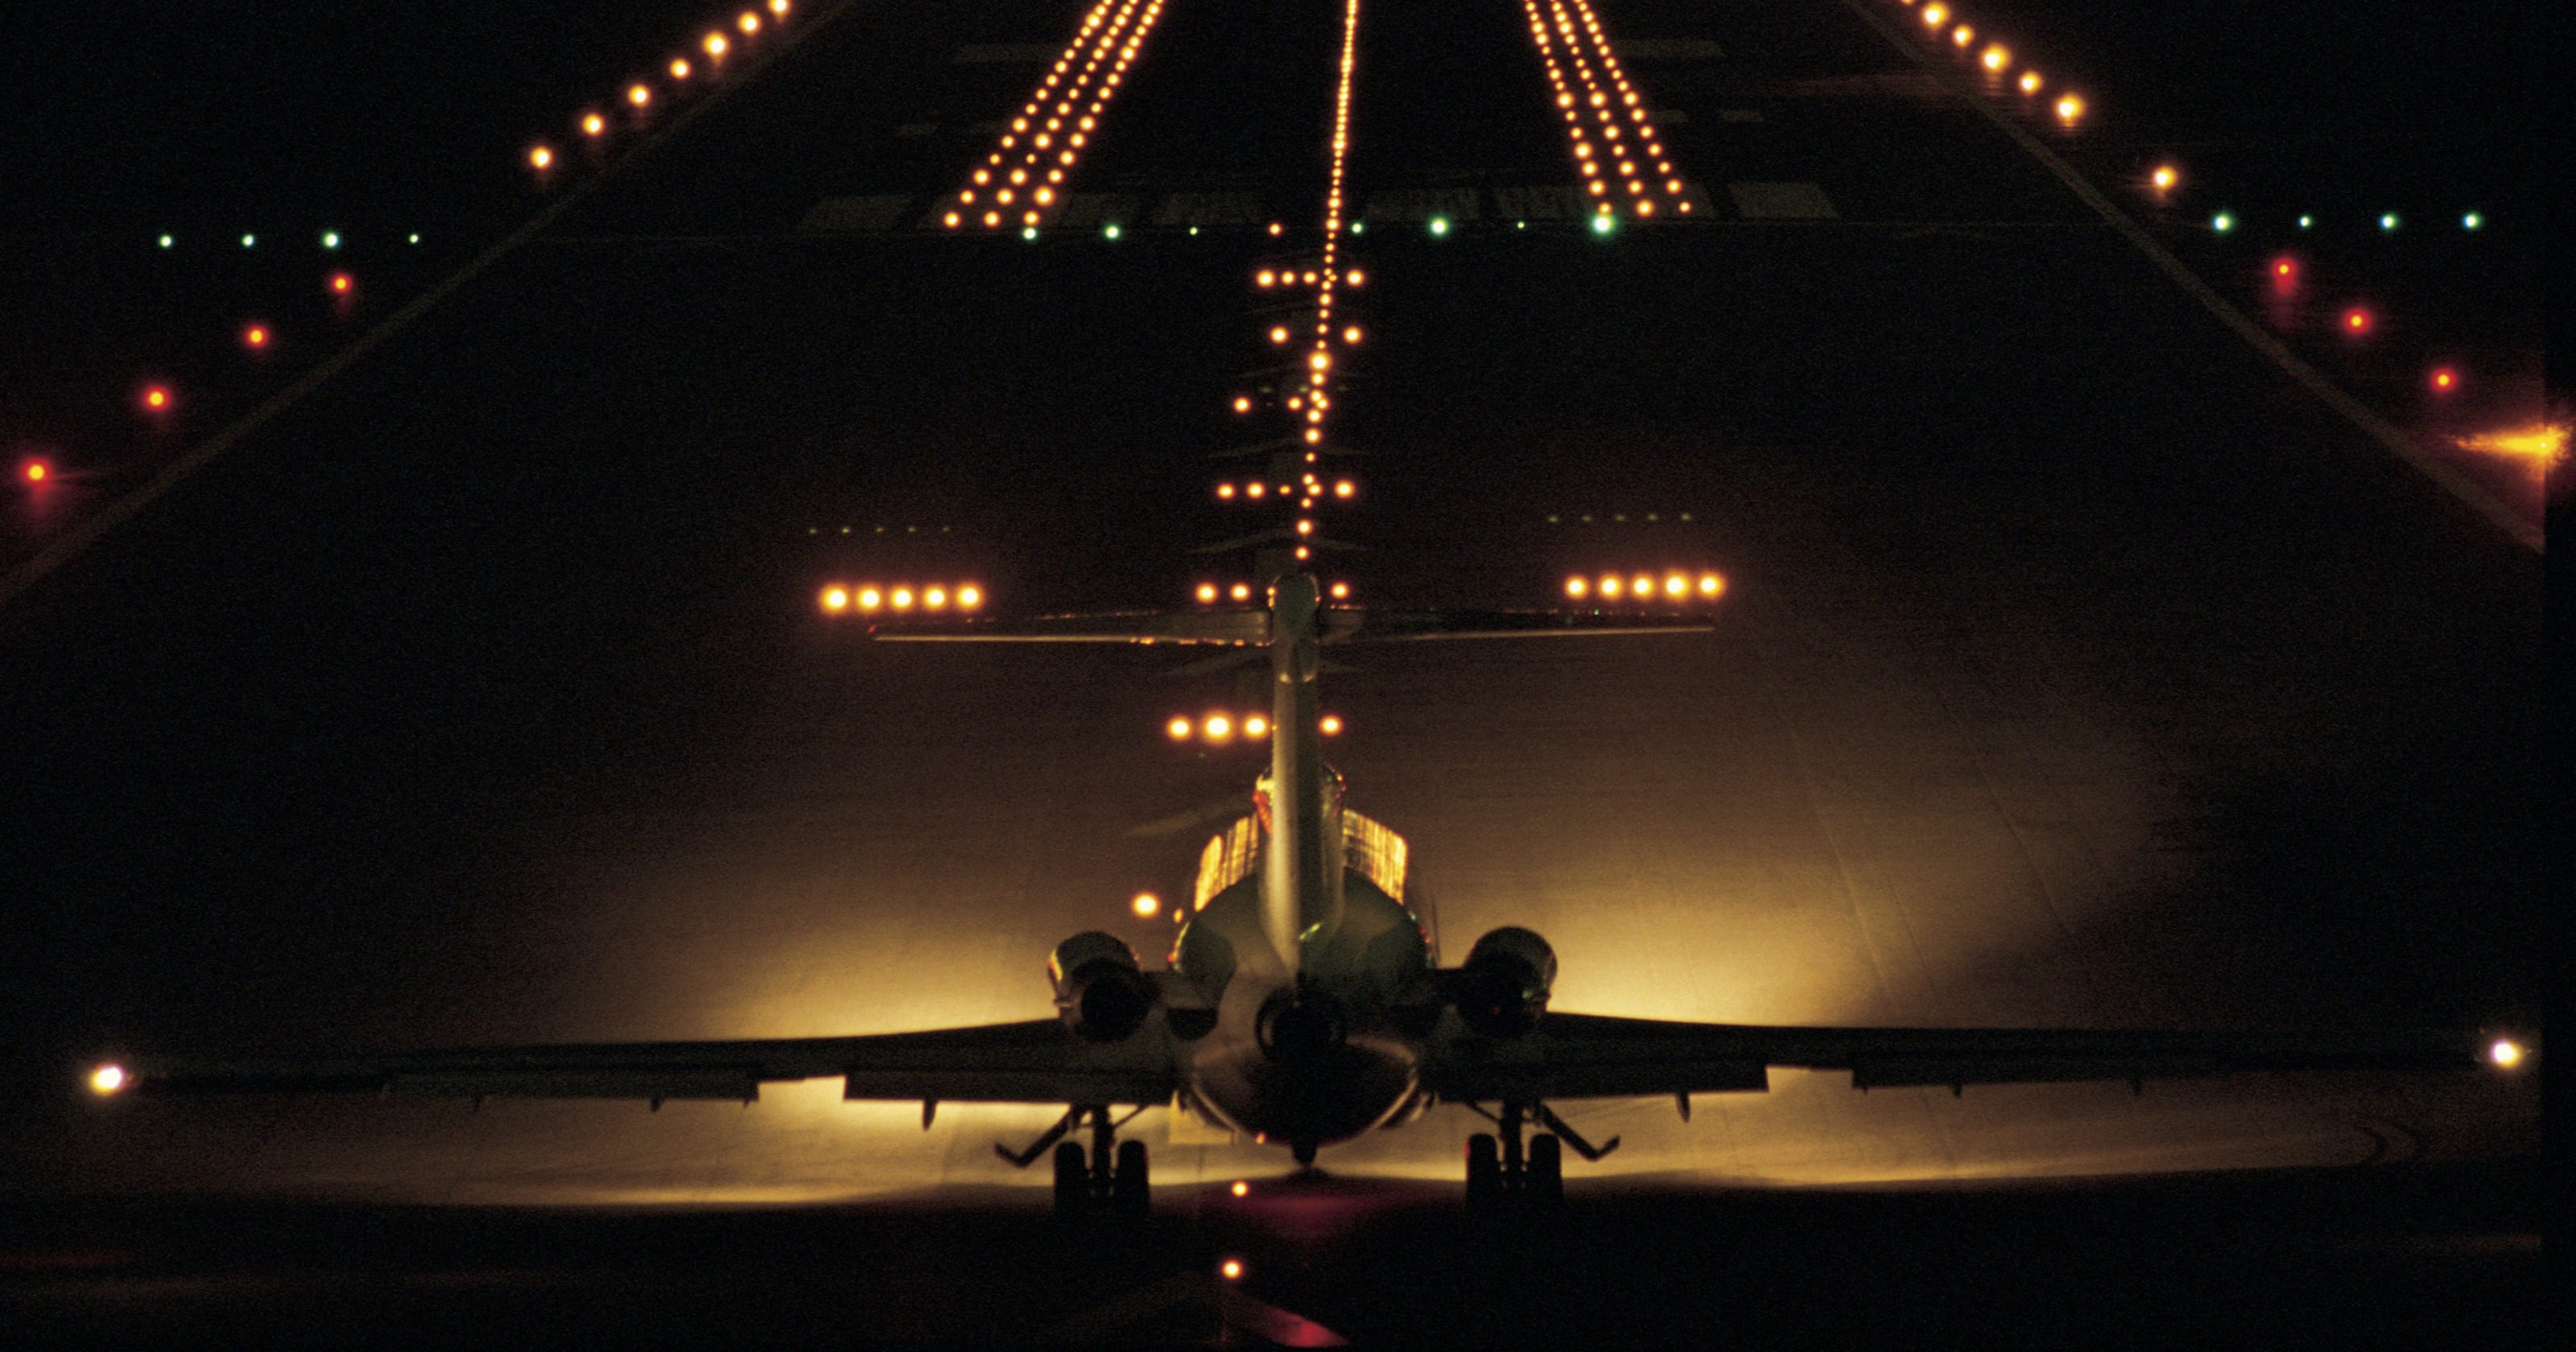 Ask the Captain: Landing lights in my bedroom window